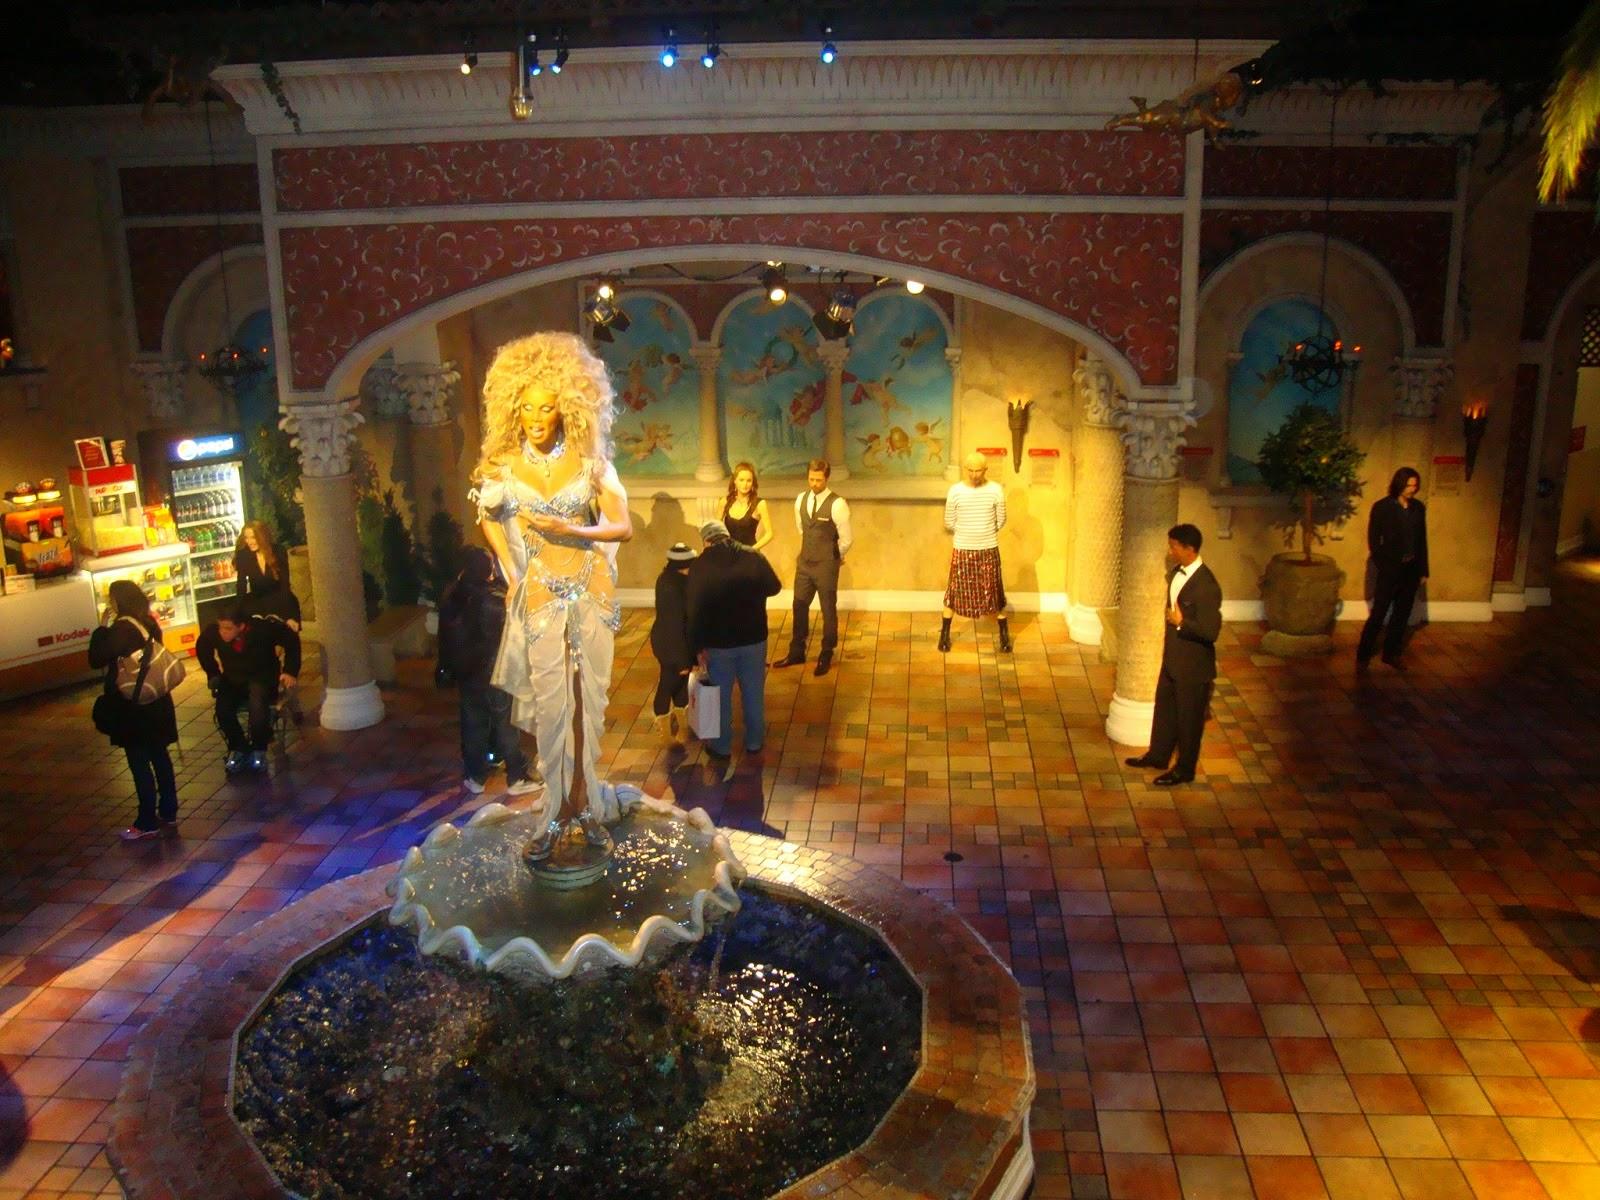 Museu de cera Madame Tussauds em Nova York